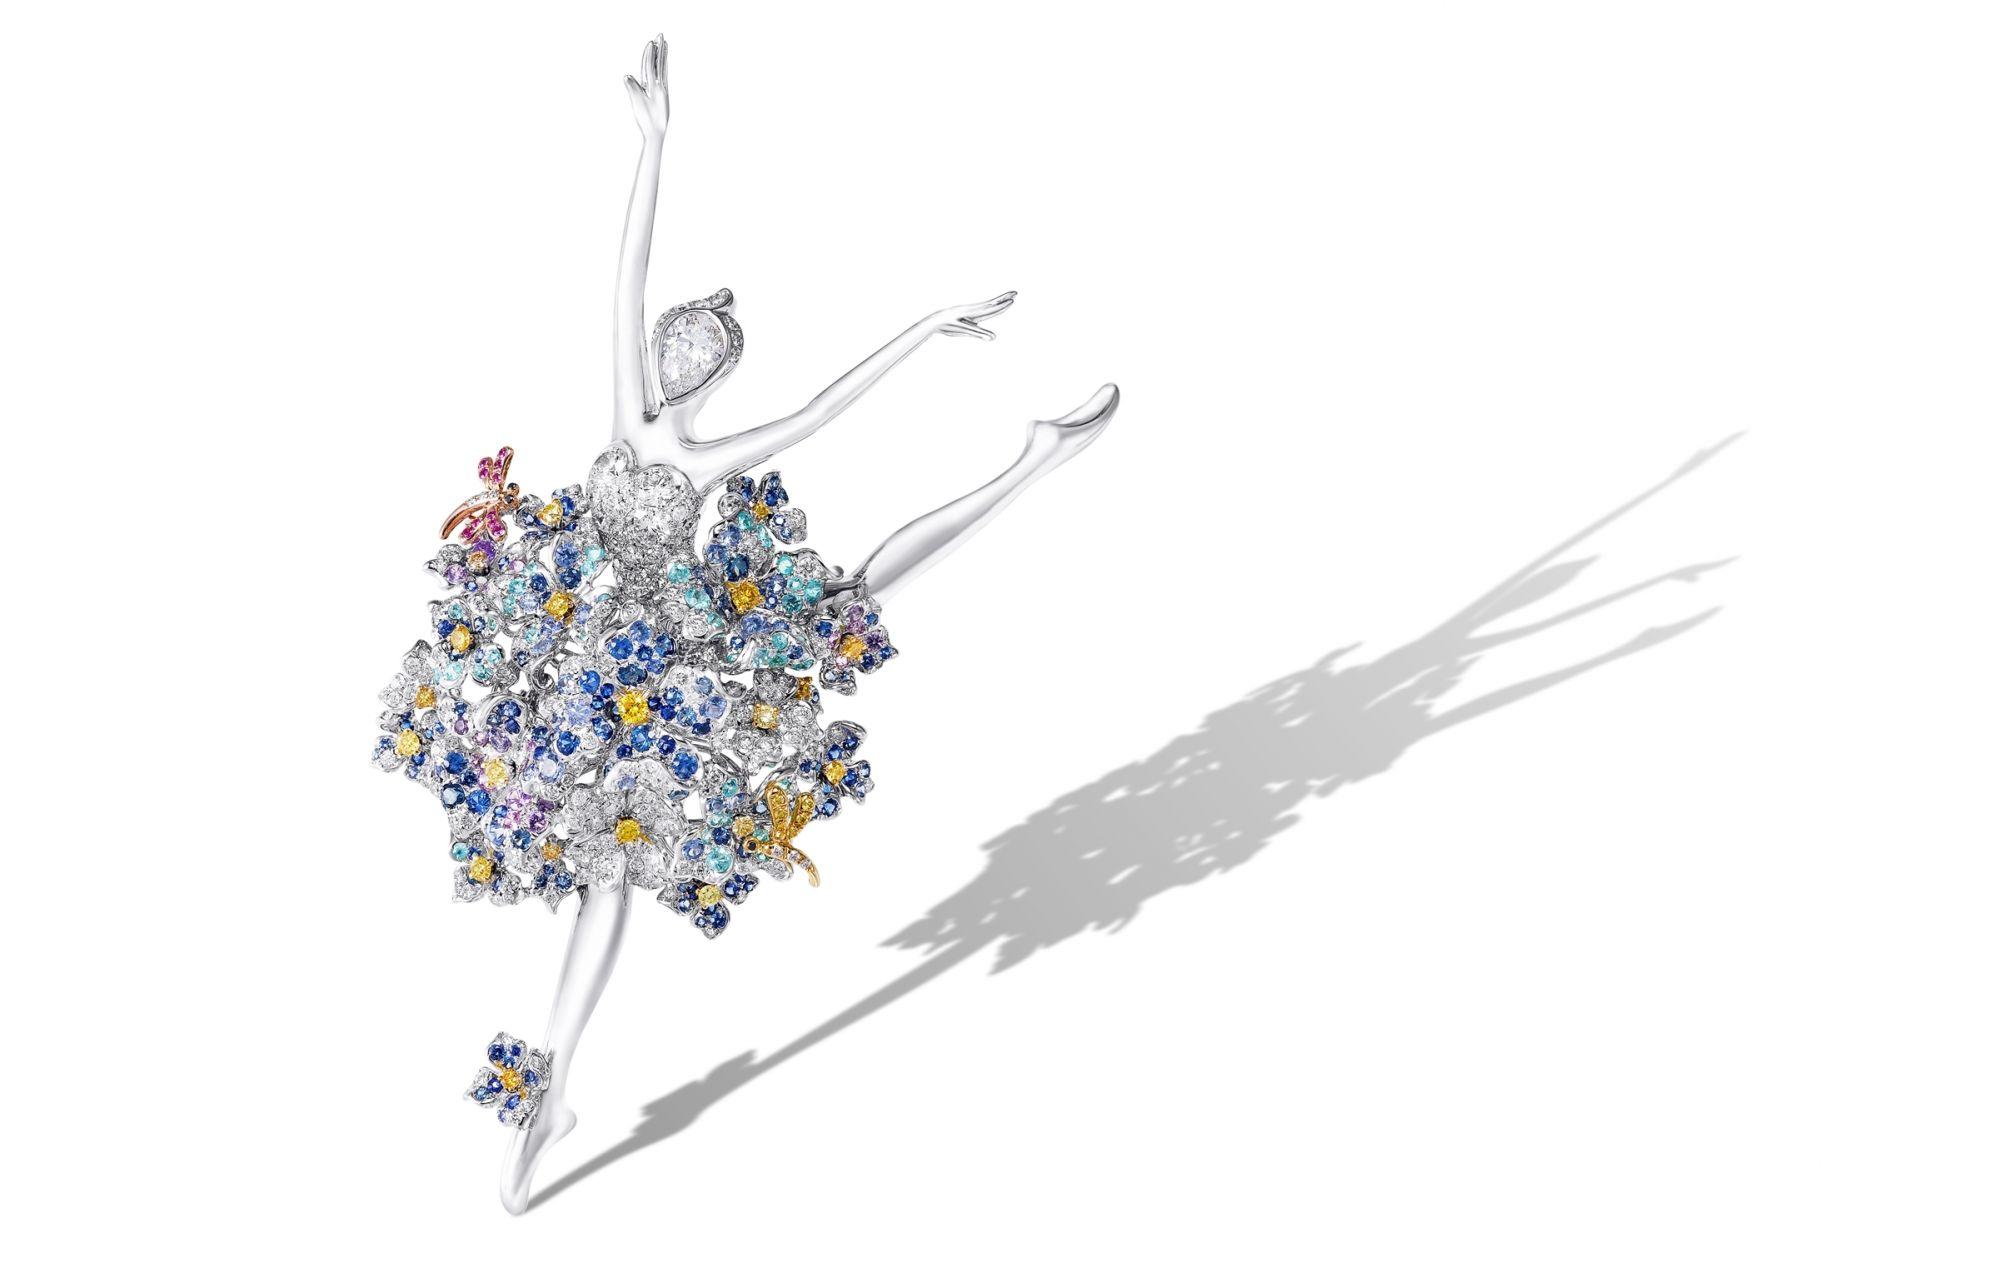 走入Anna Hu能量湧動的金色時期,《珠寶交響詩:第二部曲》翩然問世